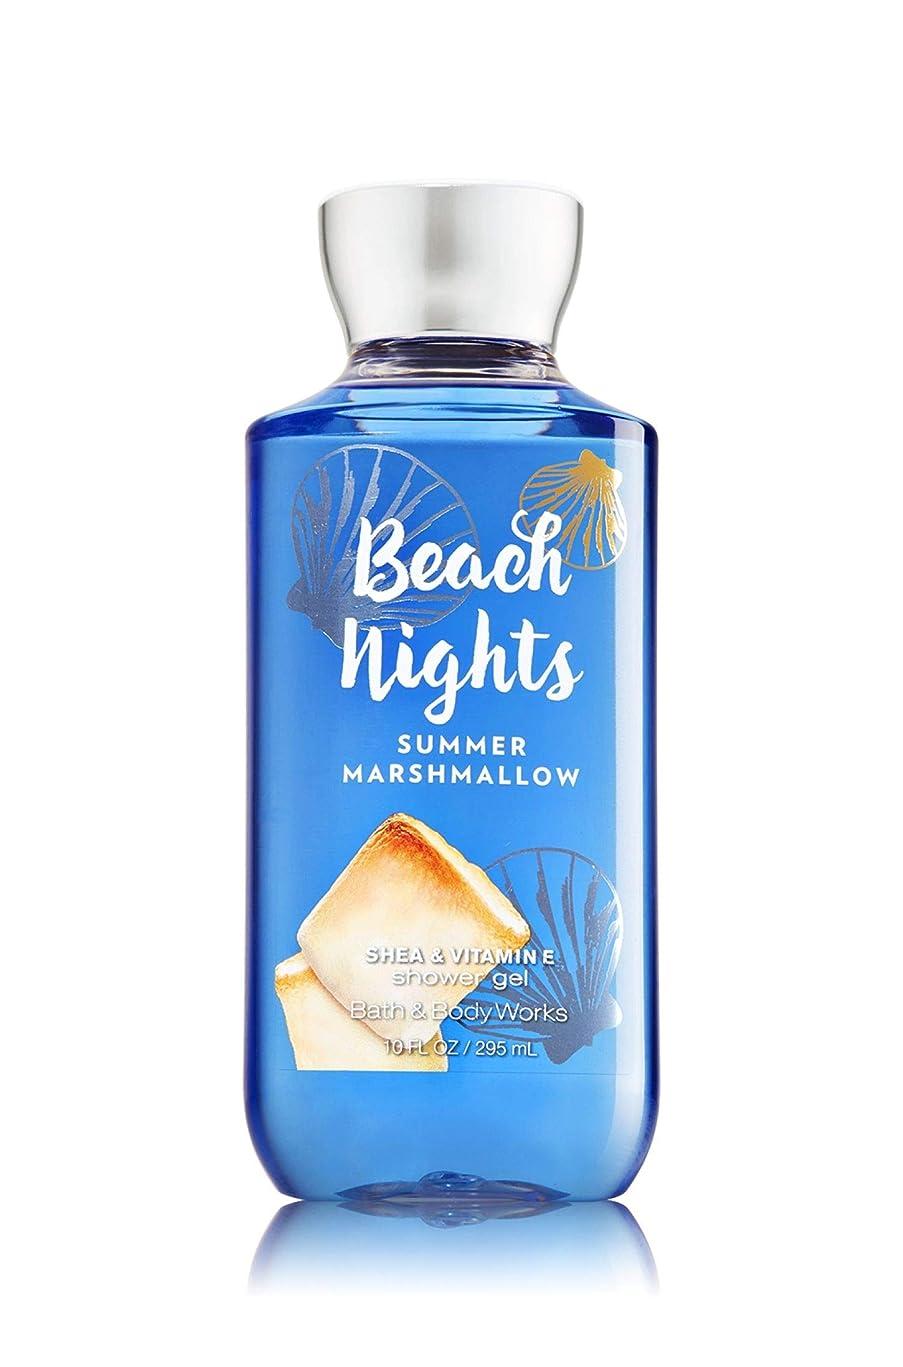 長いです浜辺右【Bath&Body Works/バス&ボディワークス】 シャワージェル サマーマシュマロ Shower Gel Beach Nights Summer Marshmallow 10 fl oz / 295 mL [並行輸入品]